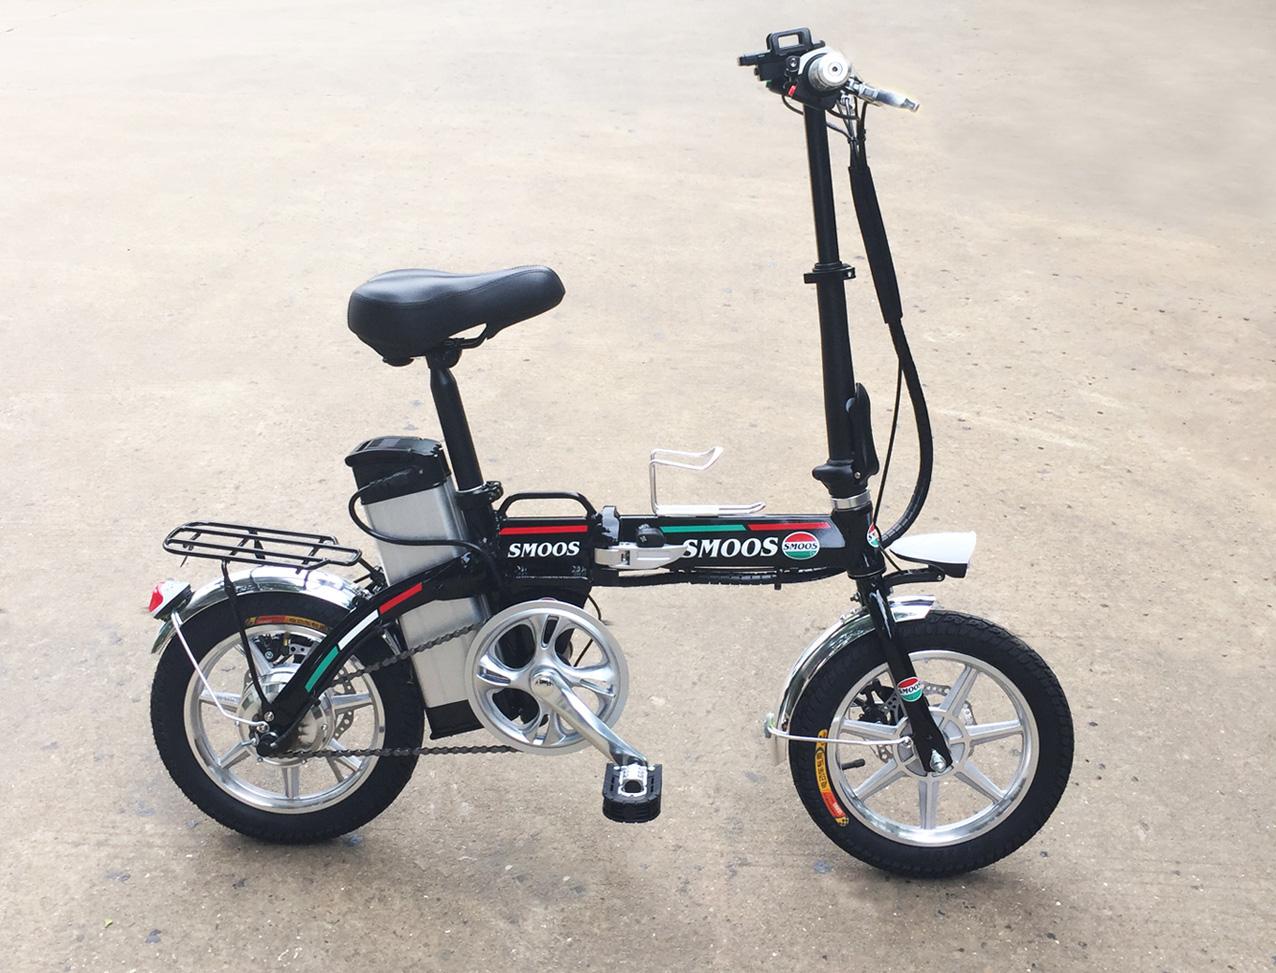 ★軽くて小型折りたたみ★フルアルミ大容量48V13AHモペット電動自転車SMART-14インチ,スマホホルダー付き